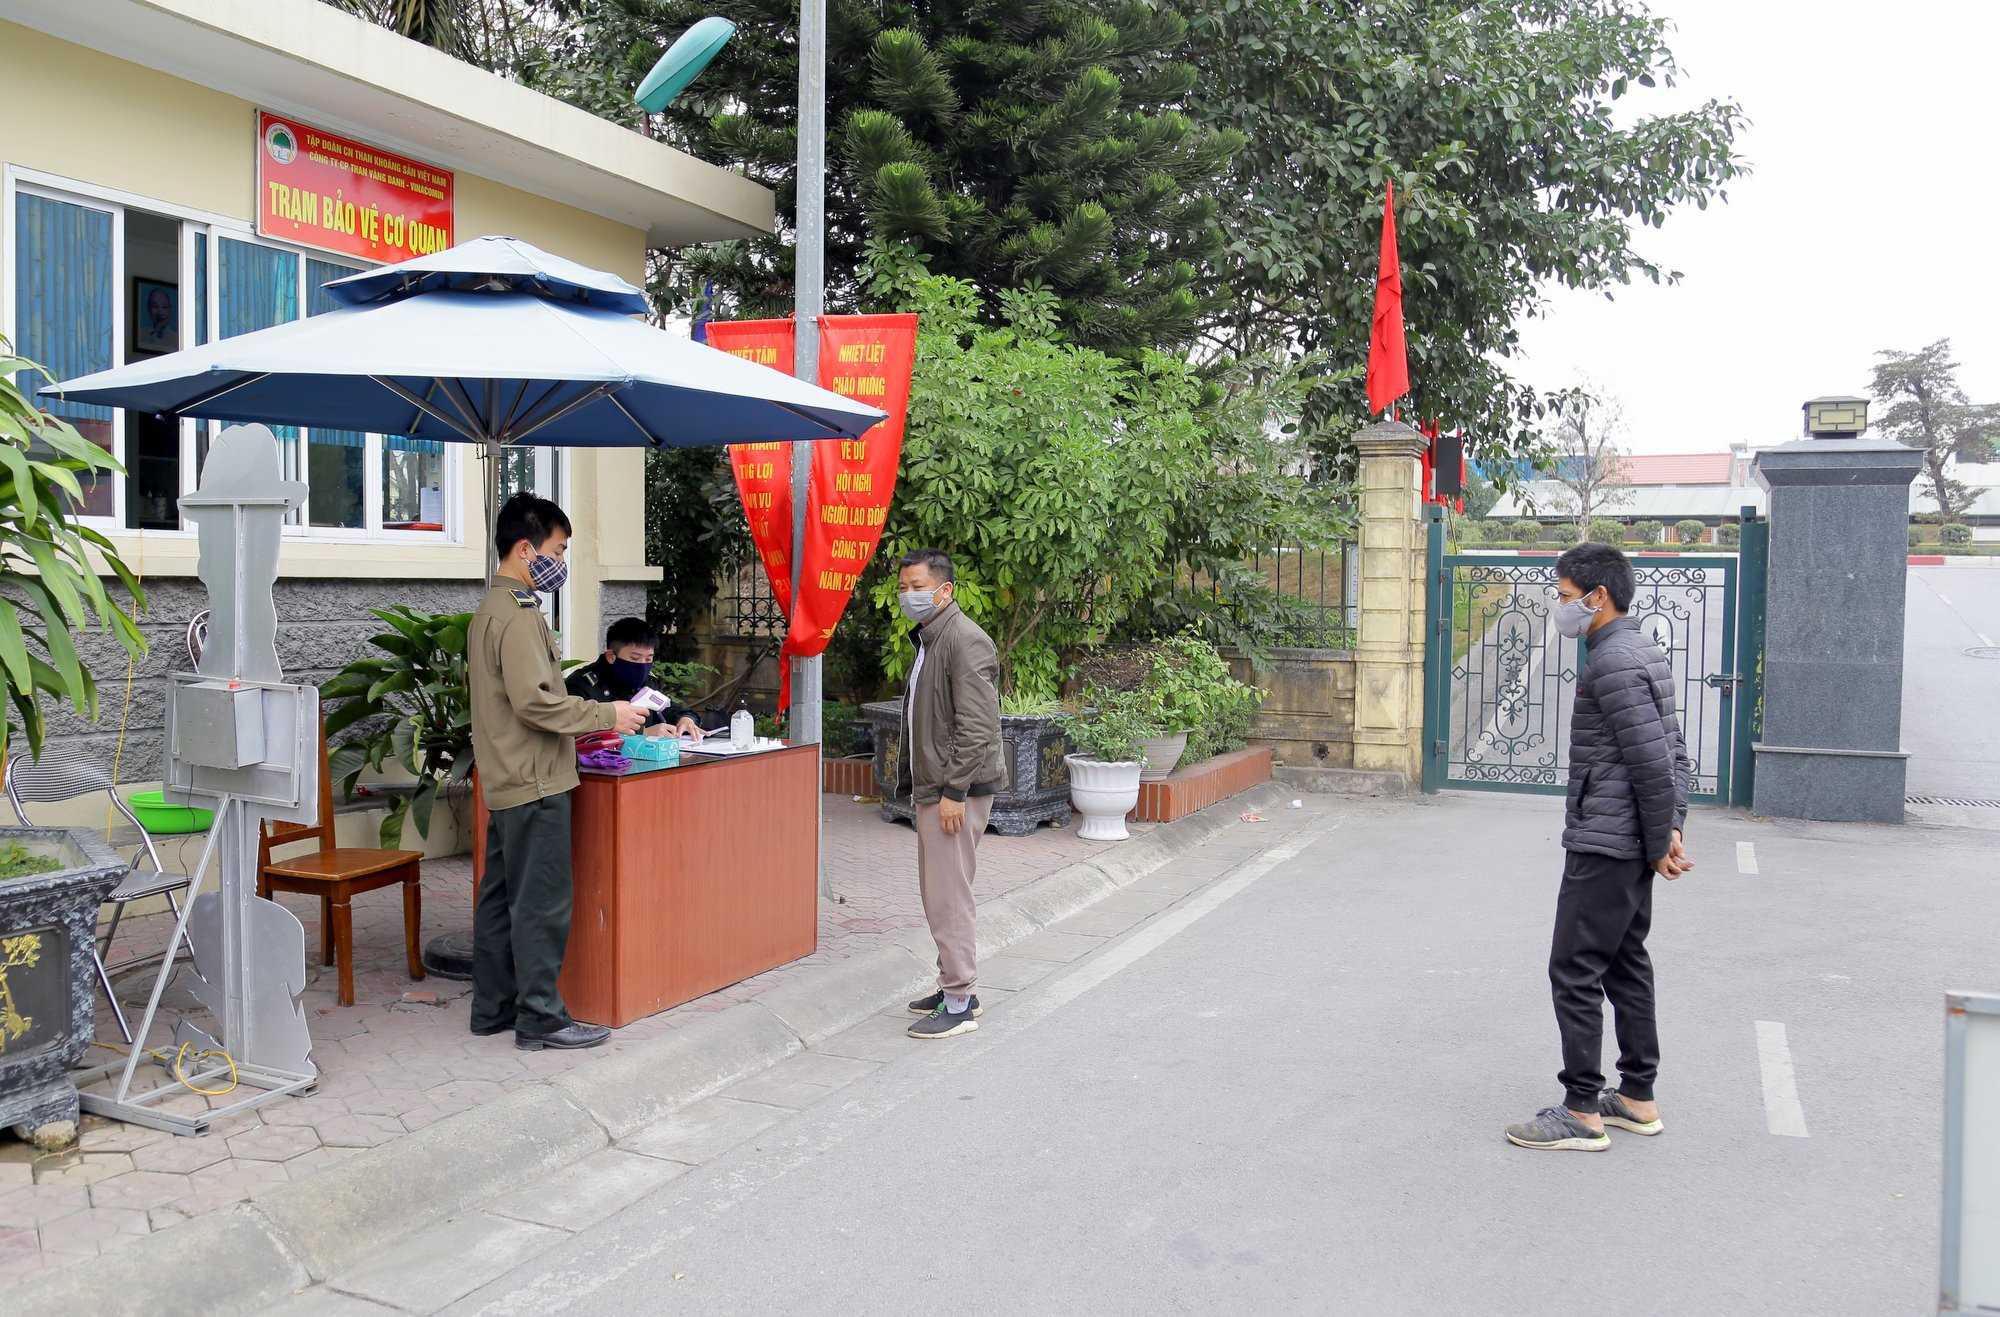 Quảng Ninh kết nối tiêu thụ thành công nông sản cho người dân bị ảnh hưởng bởi dịch Covid-19 - Ảnh 4.